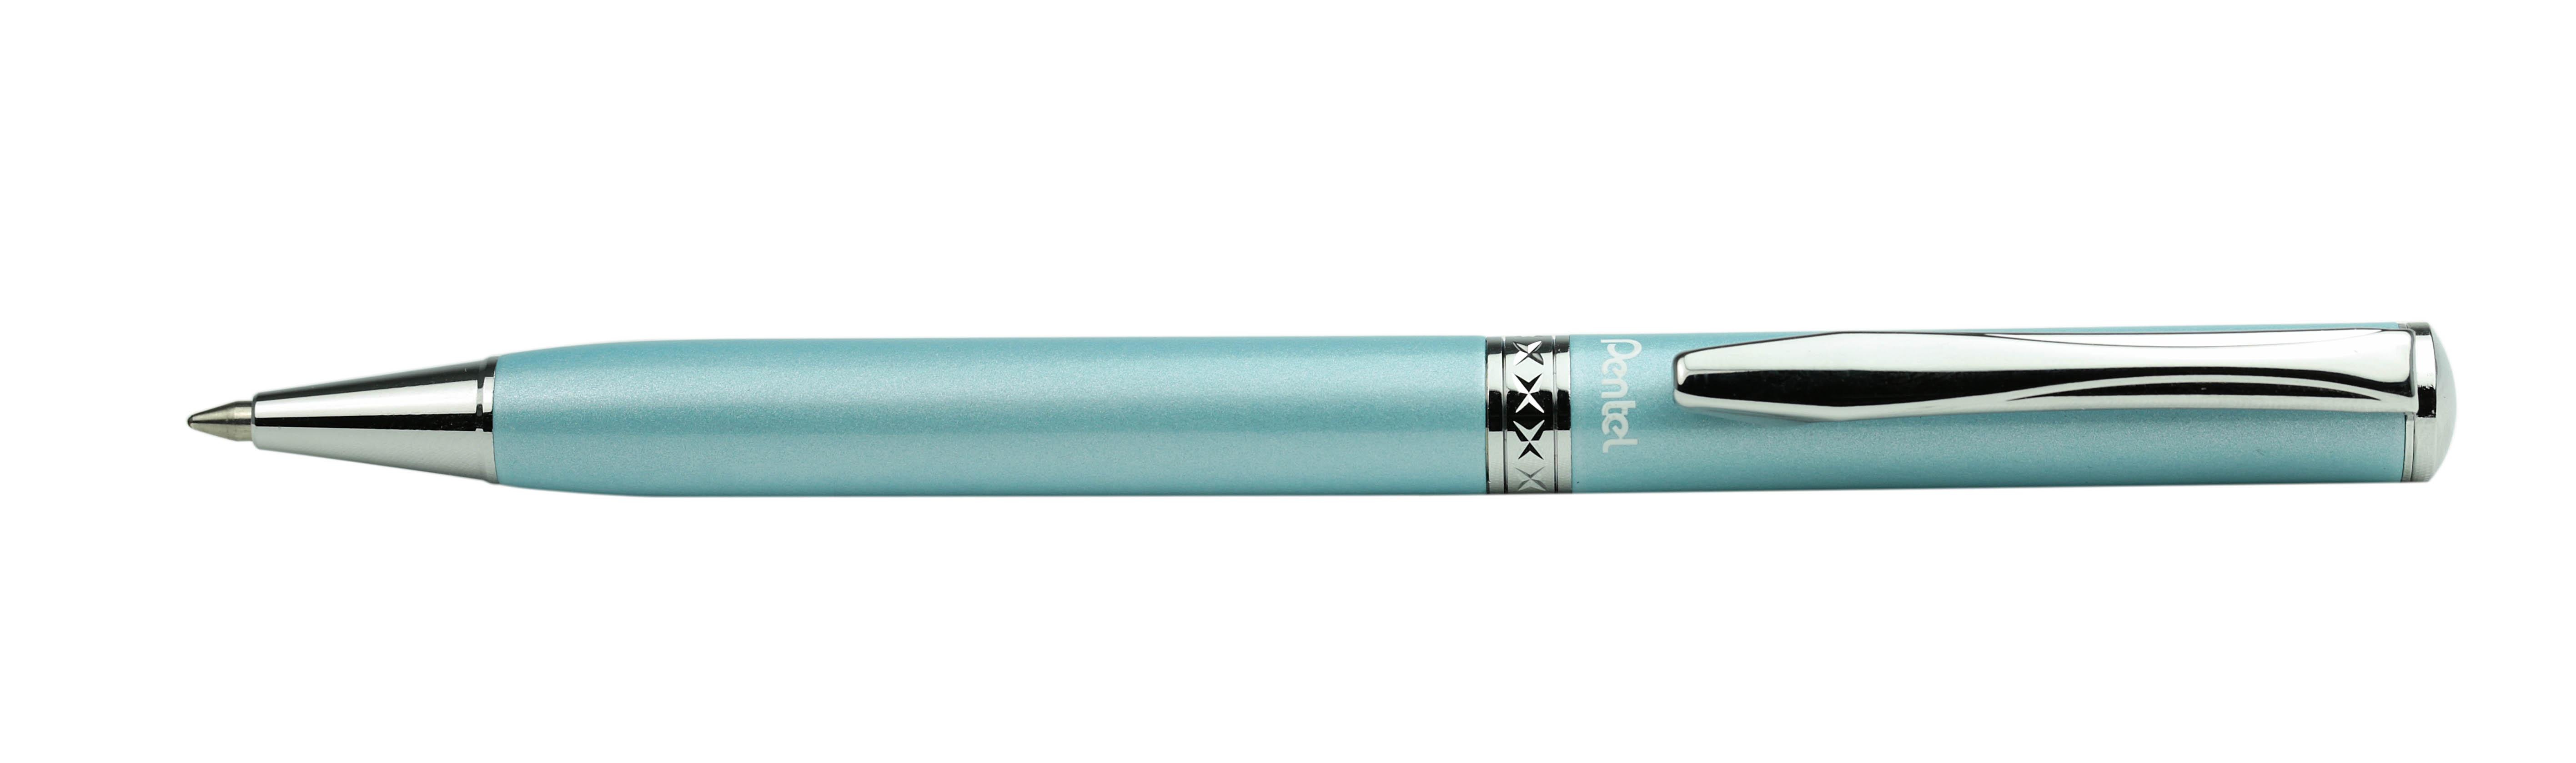 Pentel Ручка шариковая Sterling черная544599Подарочная шариковая ручка Pentel Sterling имеет поворотный механизм. Корпус ручки изготовлен из металла с хромированным покрытием. Стержень - черный, толщина пишущего узла - 0,8 мм. Чернила обеспечивают ровное и комфортное письмо. Упаковка - подарочный футляр.